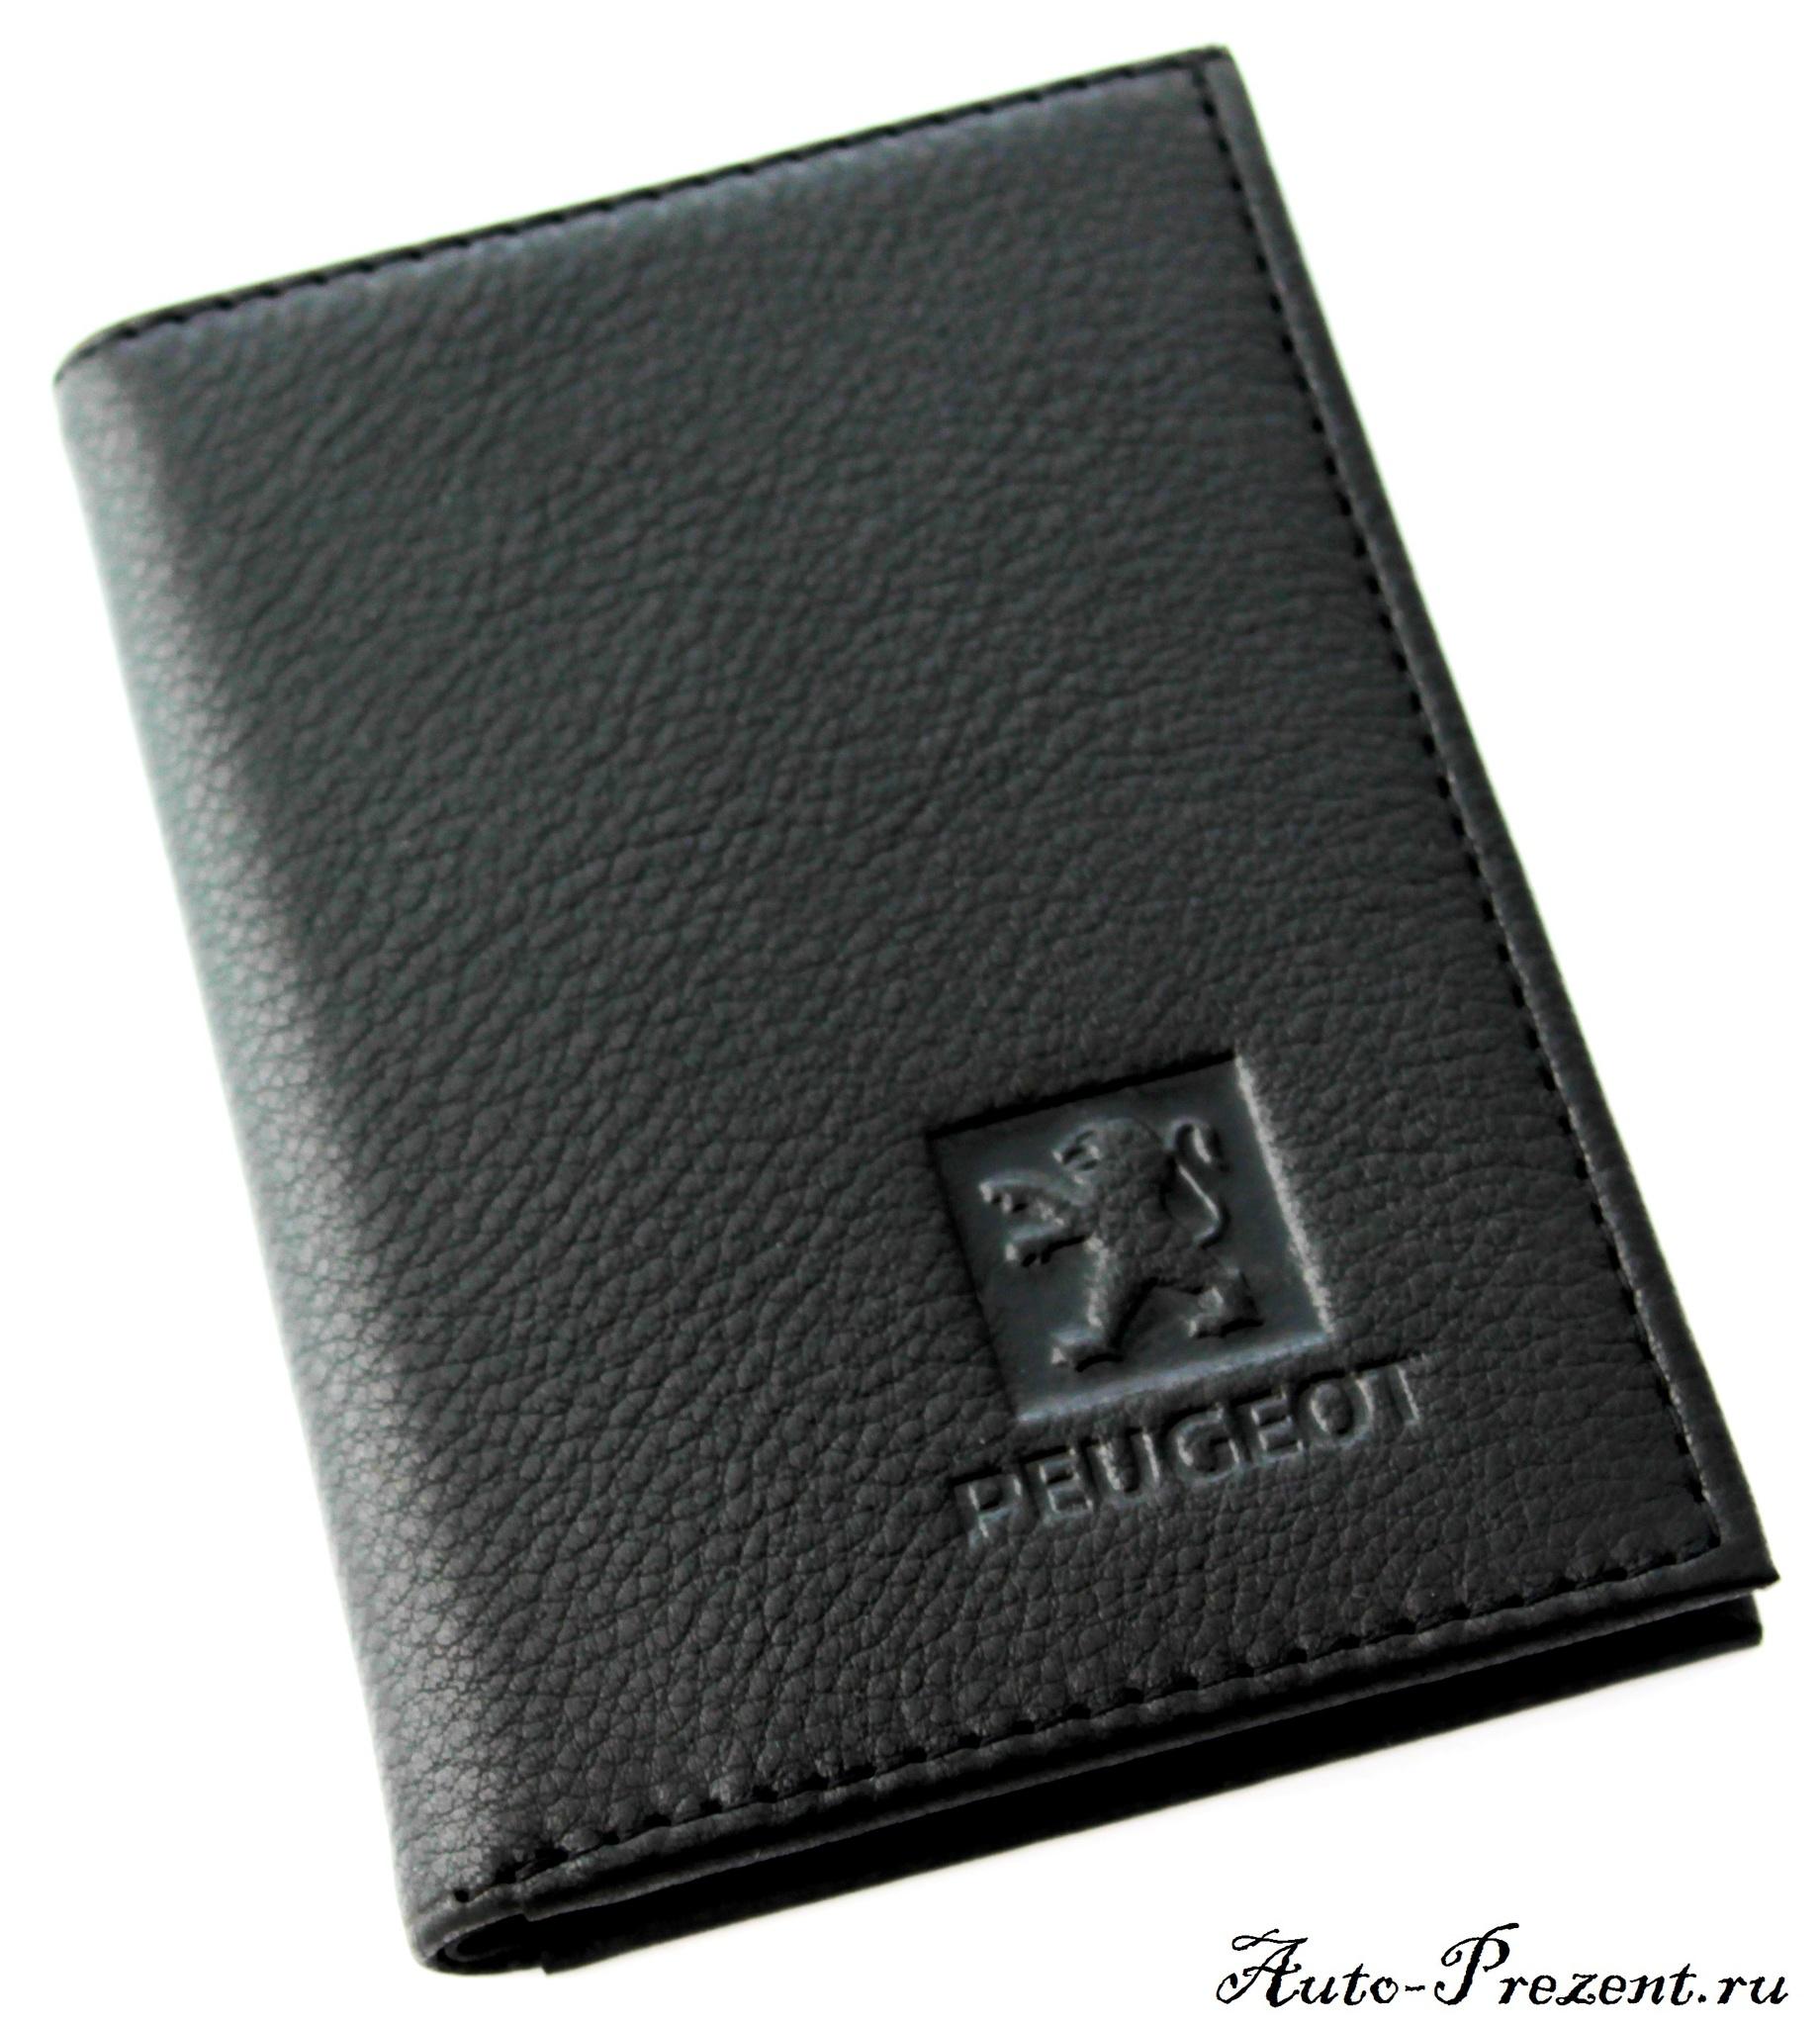 Портмоне для автодокументов из натуральной кожи с логотипом PEUGEOT